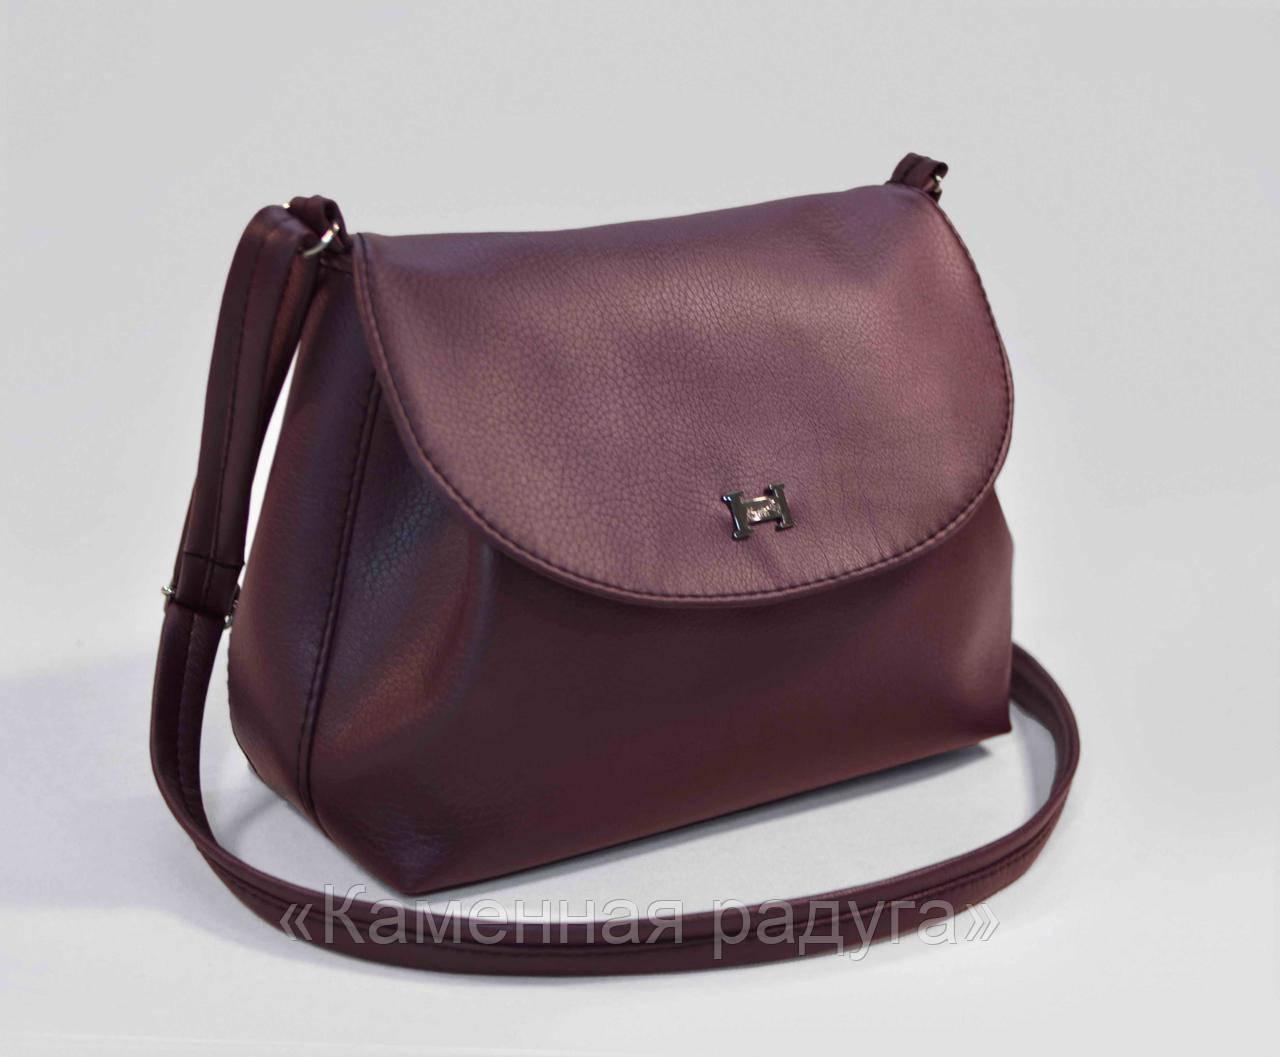 Стильная тёмно-фиолетовая сумочка кроссбоди